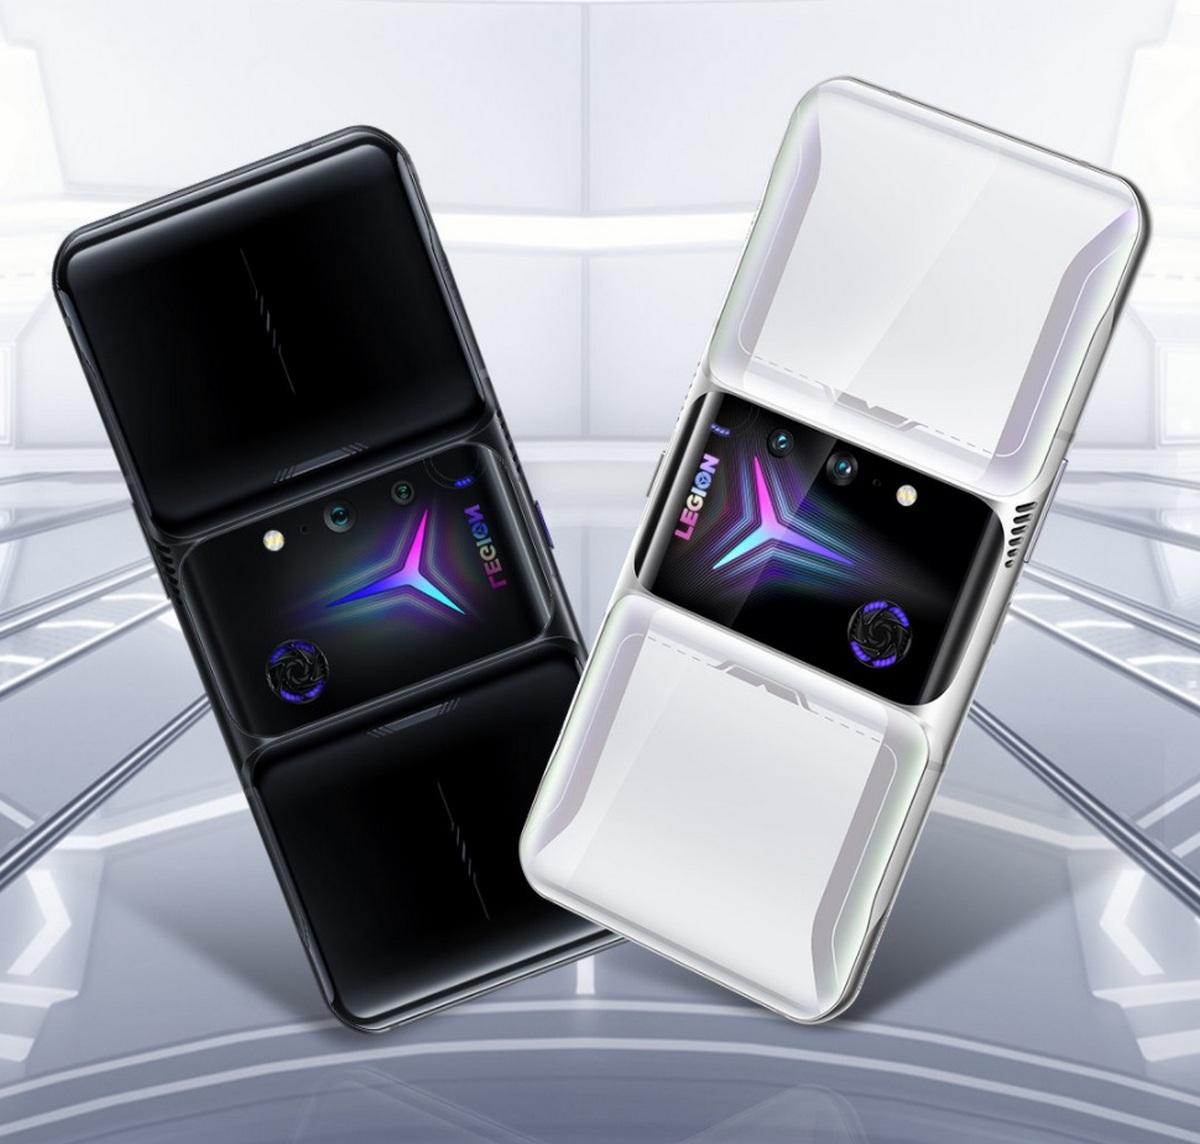 Скидка почти 300 долларов на топовый флагман. Lenovo Legion 2 Pro резко подешевел в честь распродажи Double 11 в Китае - iXBT.com